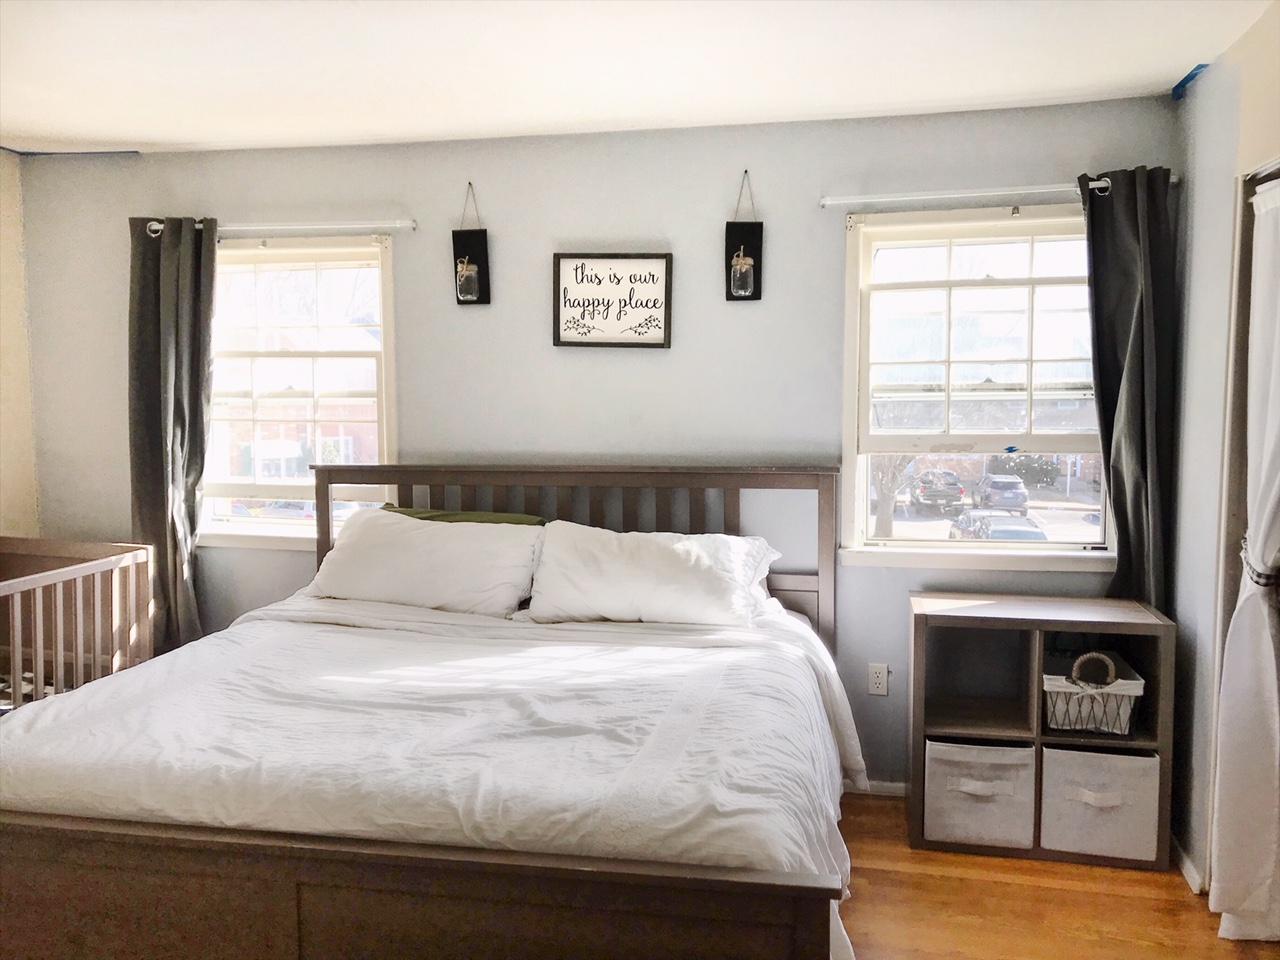 Minimalist Master Bedroom and Shared Nursery